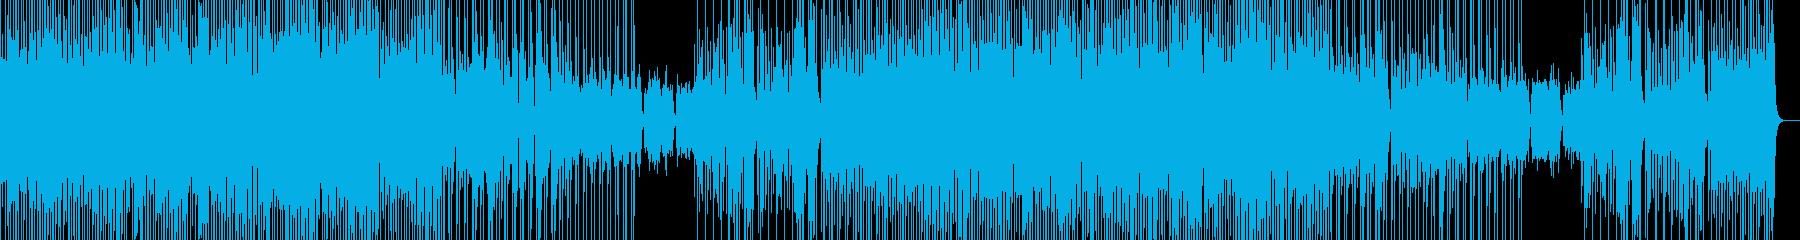 おしゃれで雰囲気の良いBGMの再生済みの波形